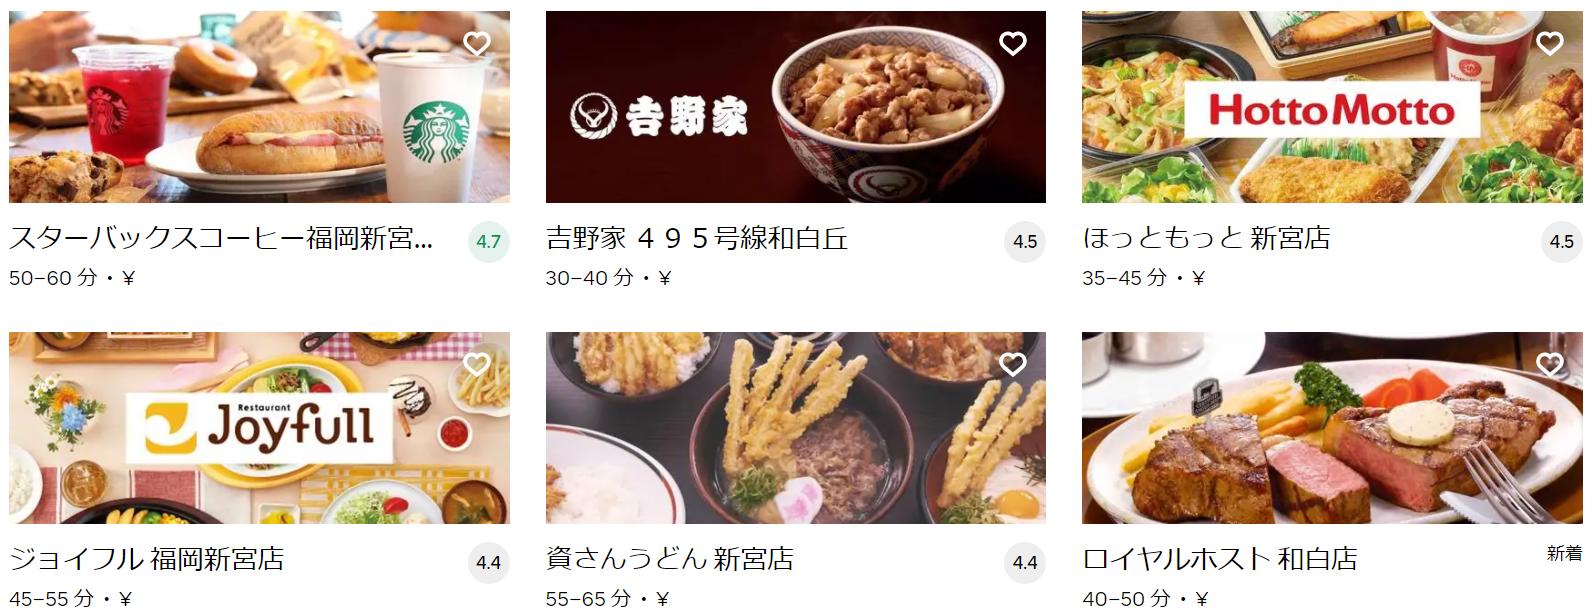 新宮町エリアのおすすめUber Eats(ウーバーイーツ)メニュー